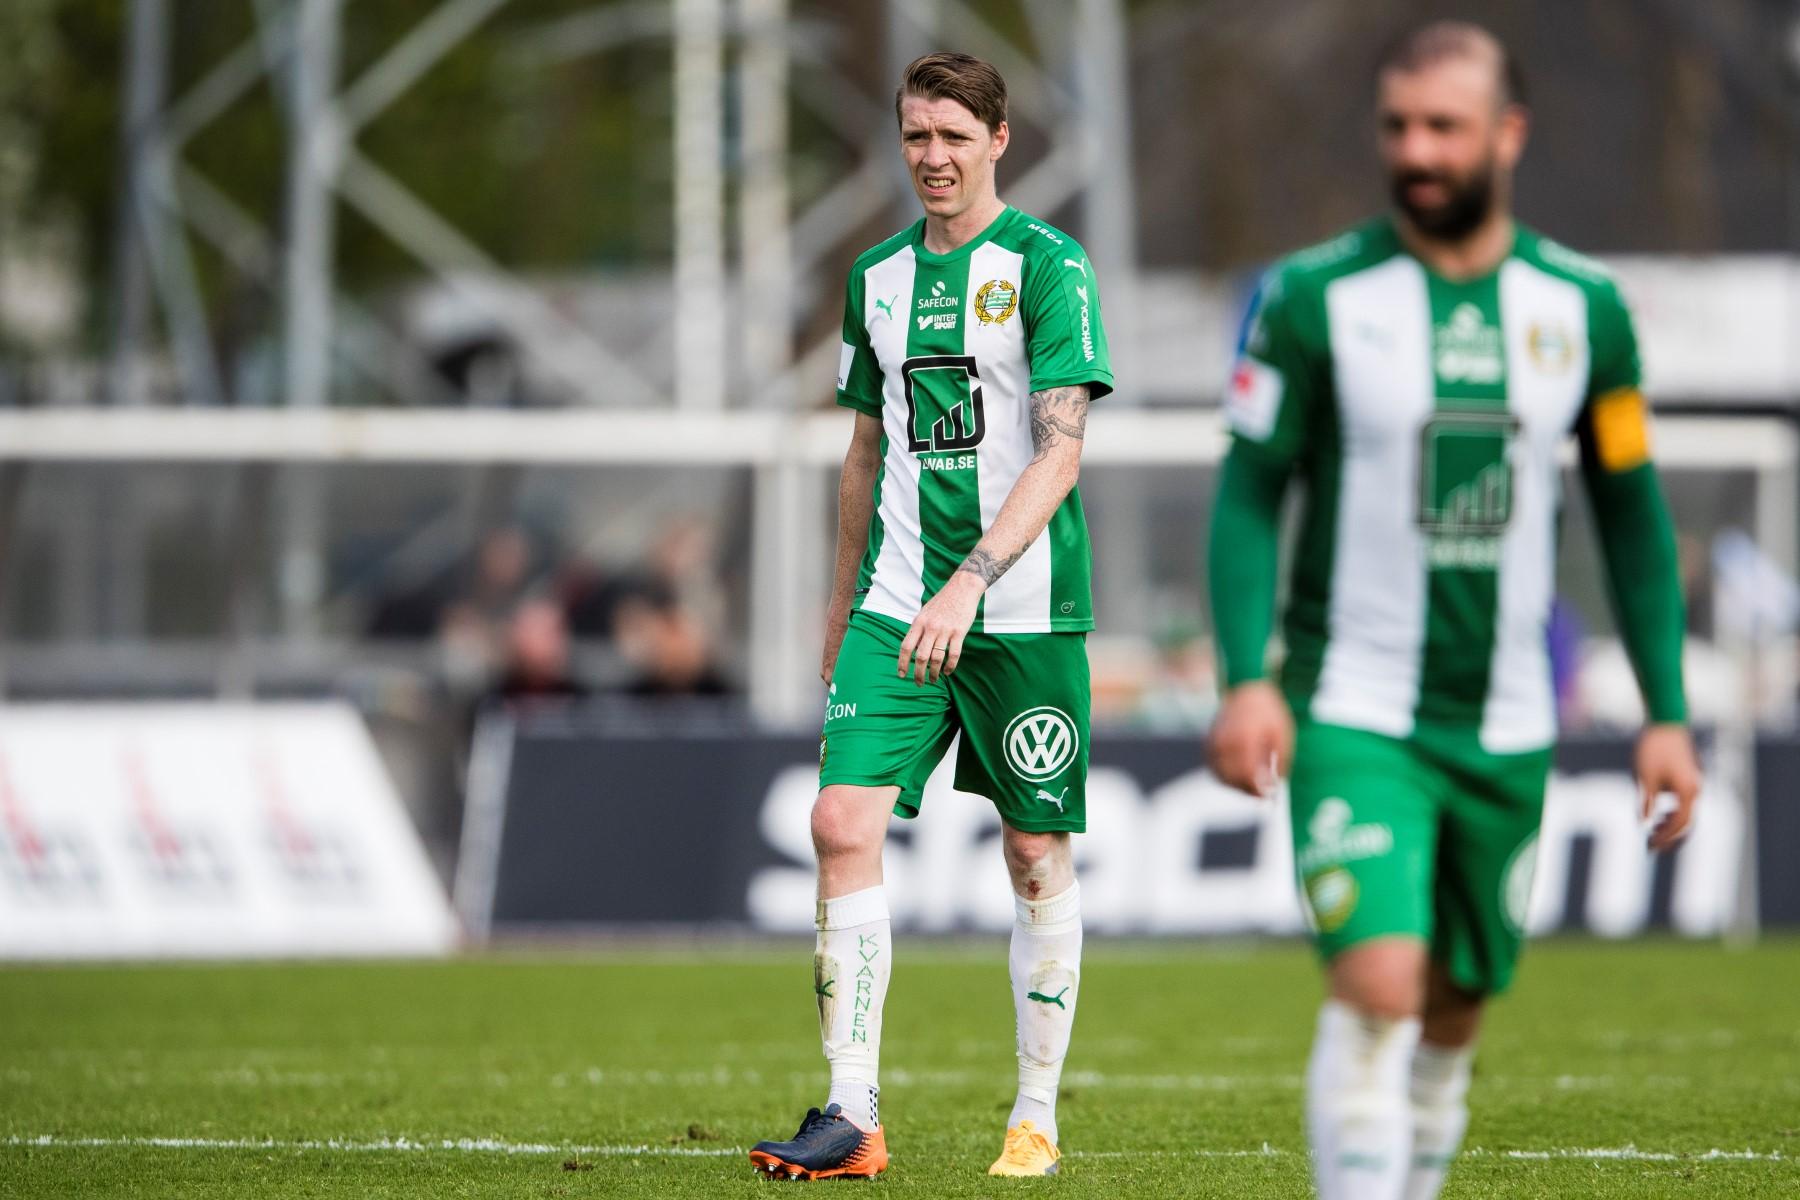 Fotboll, Allsvenskan, Sirius - Hammarby